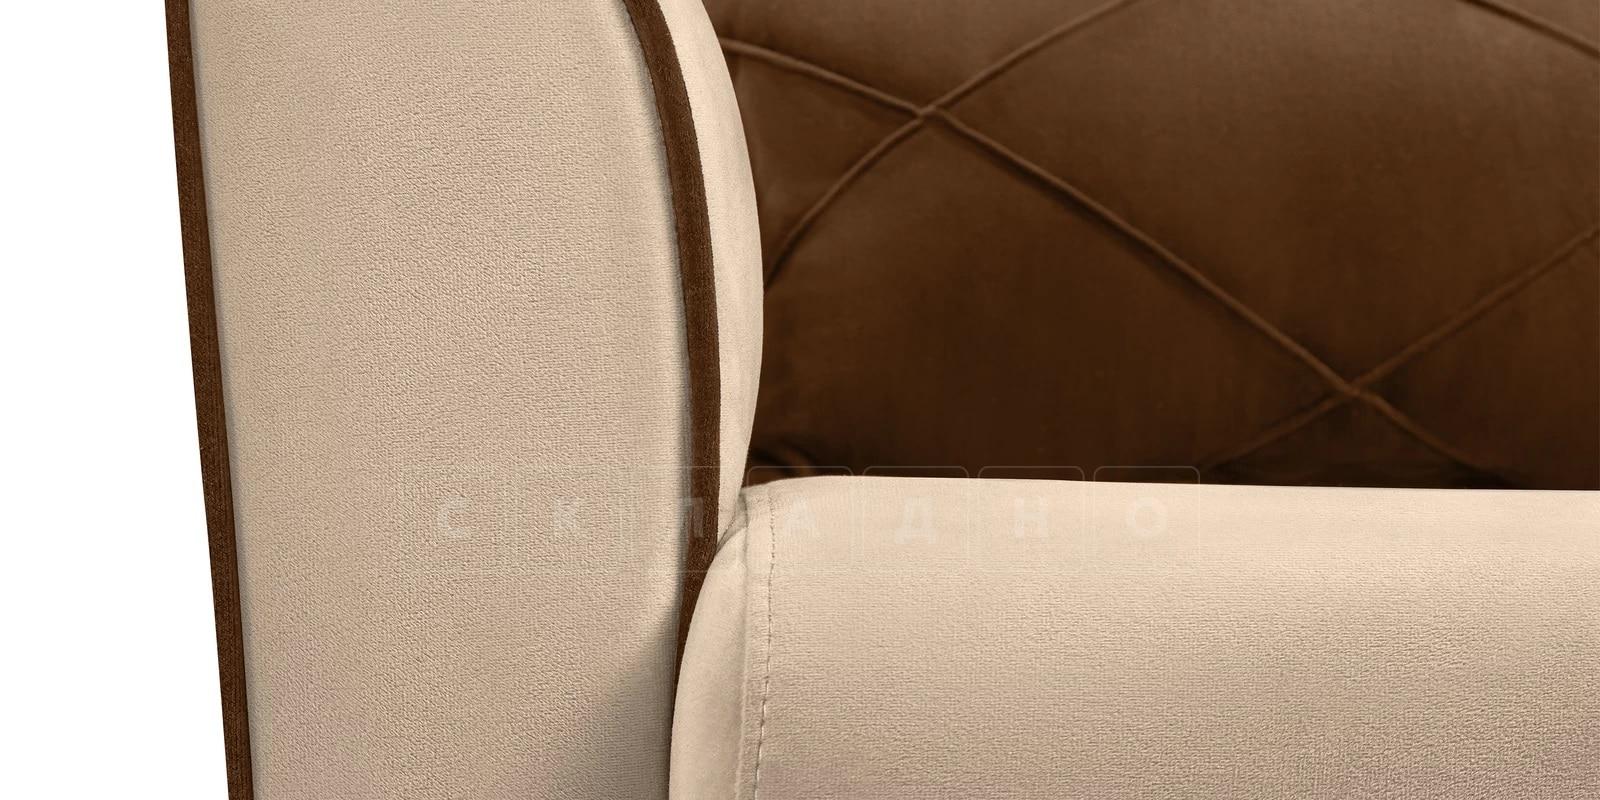 Кресло Флэтфорд велюр бежевый с коричневым кантом фото 4 | интернет-магазин Складно